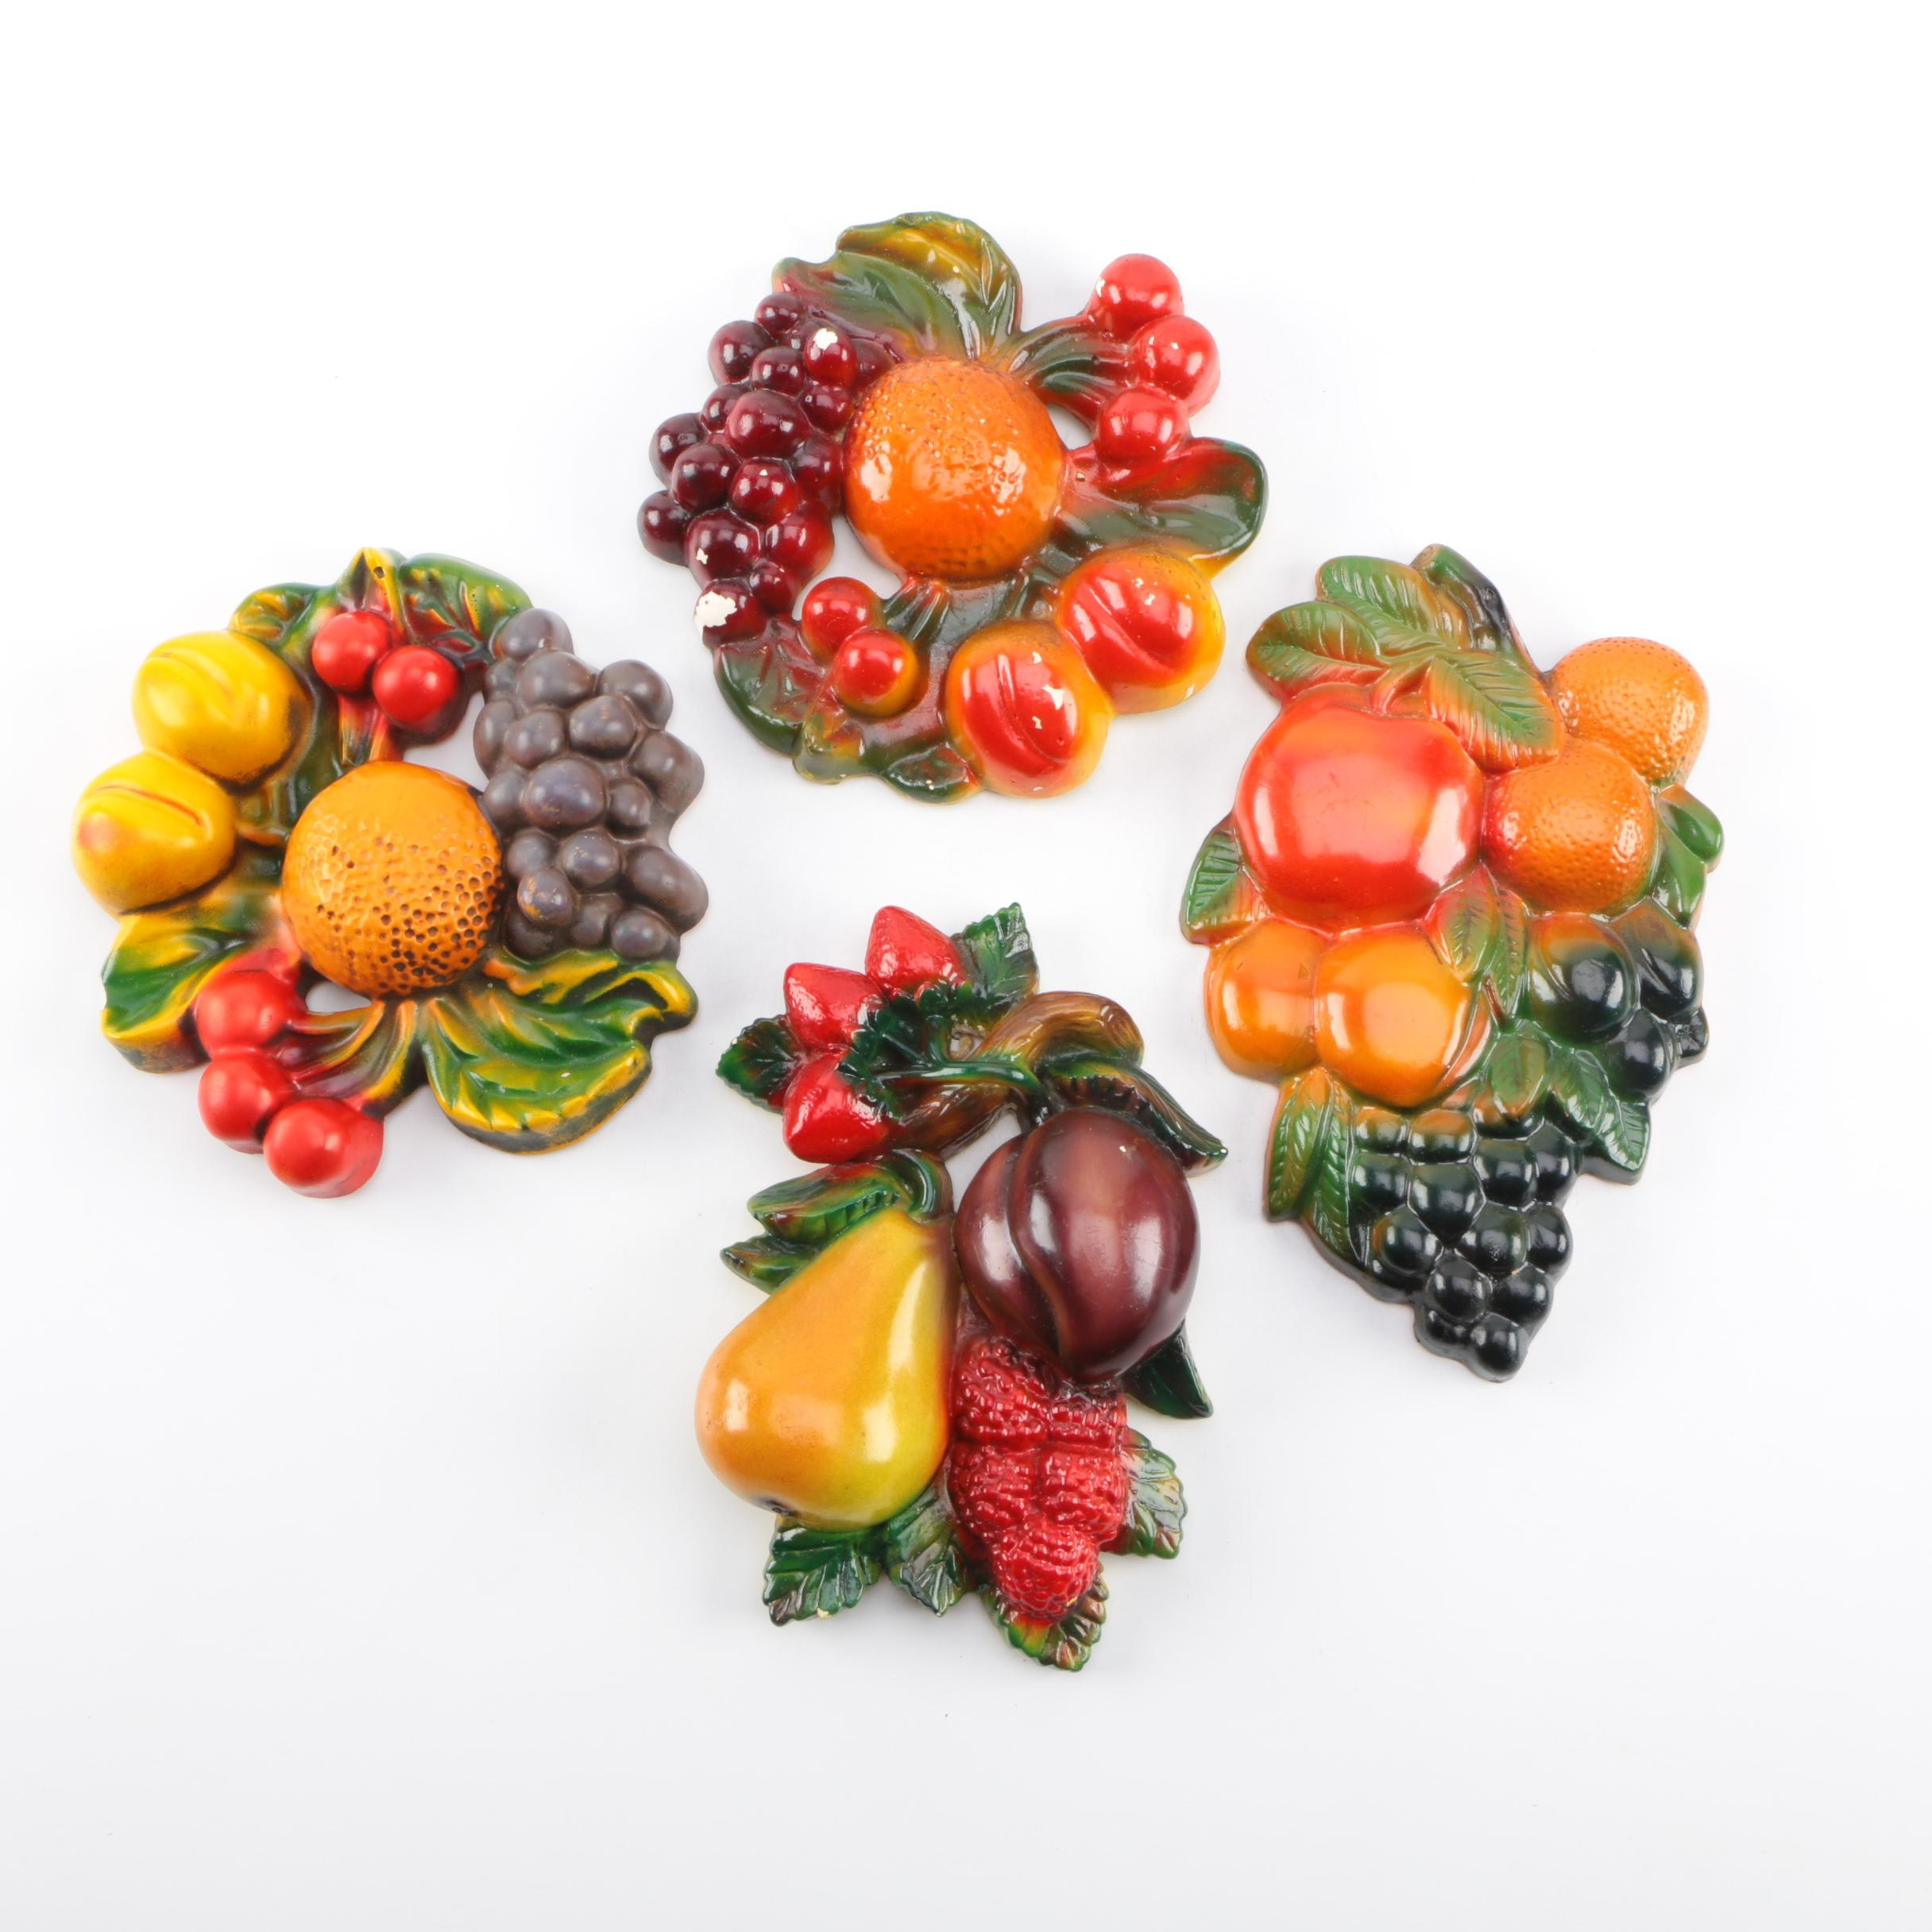 Ceramic Fruit Relief Wall Decor